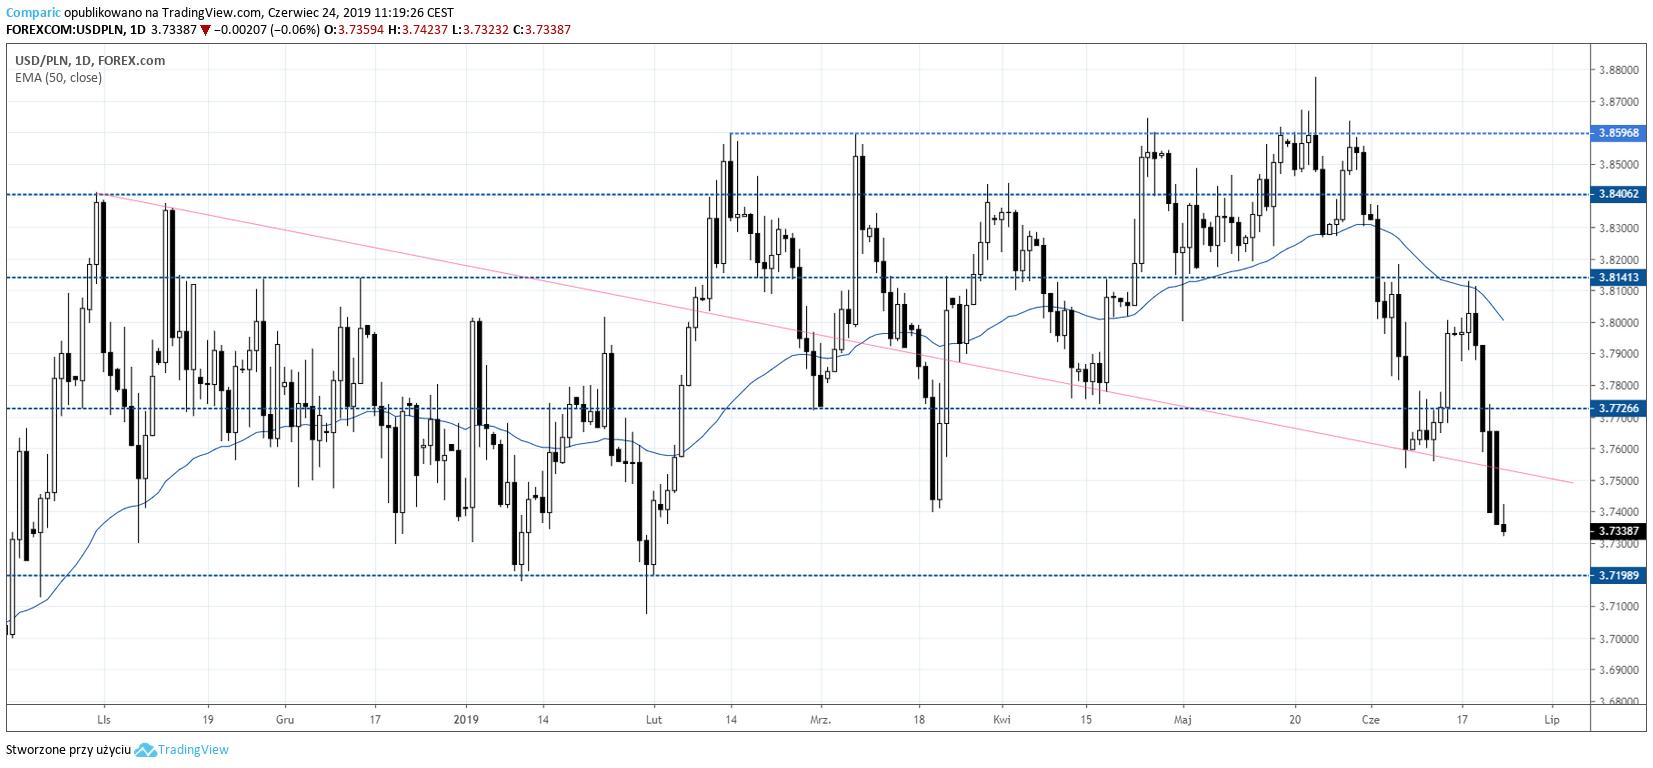 kurs dolara USDPLN 24 czerwca 2019